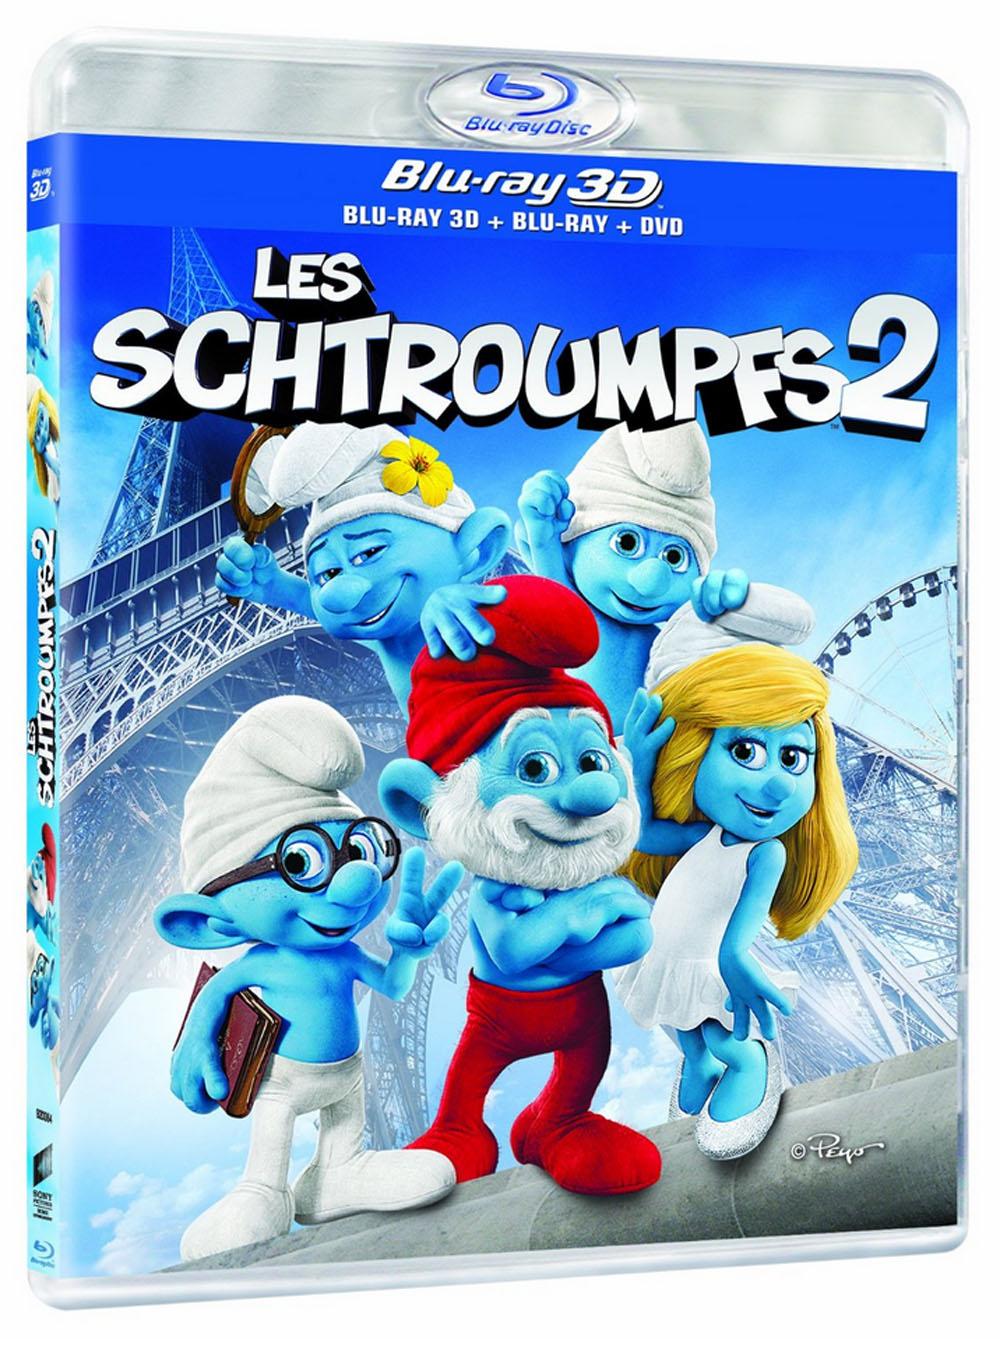 Les schtroumpfs 2 en blu ray bd 3d dvd schtroumpf toujours - Stroumph grincheux ...